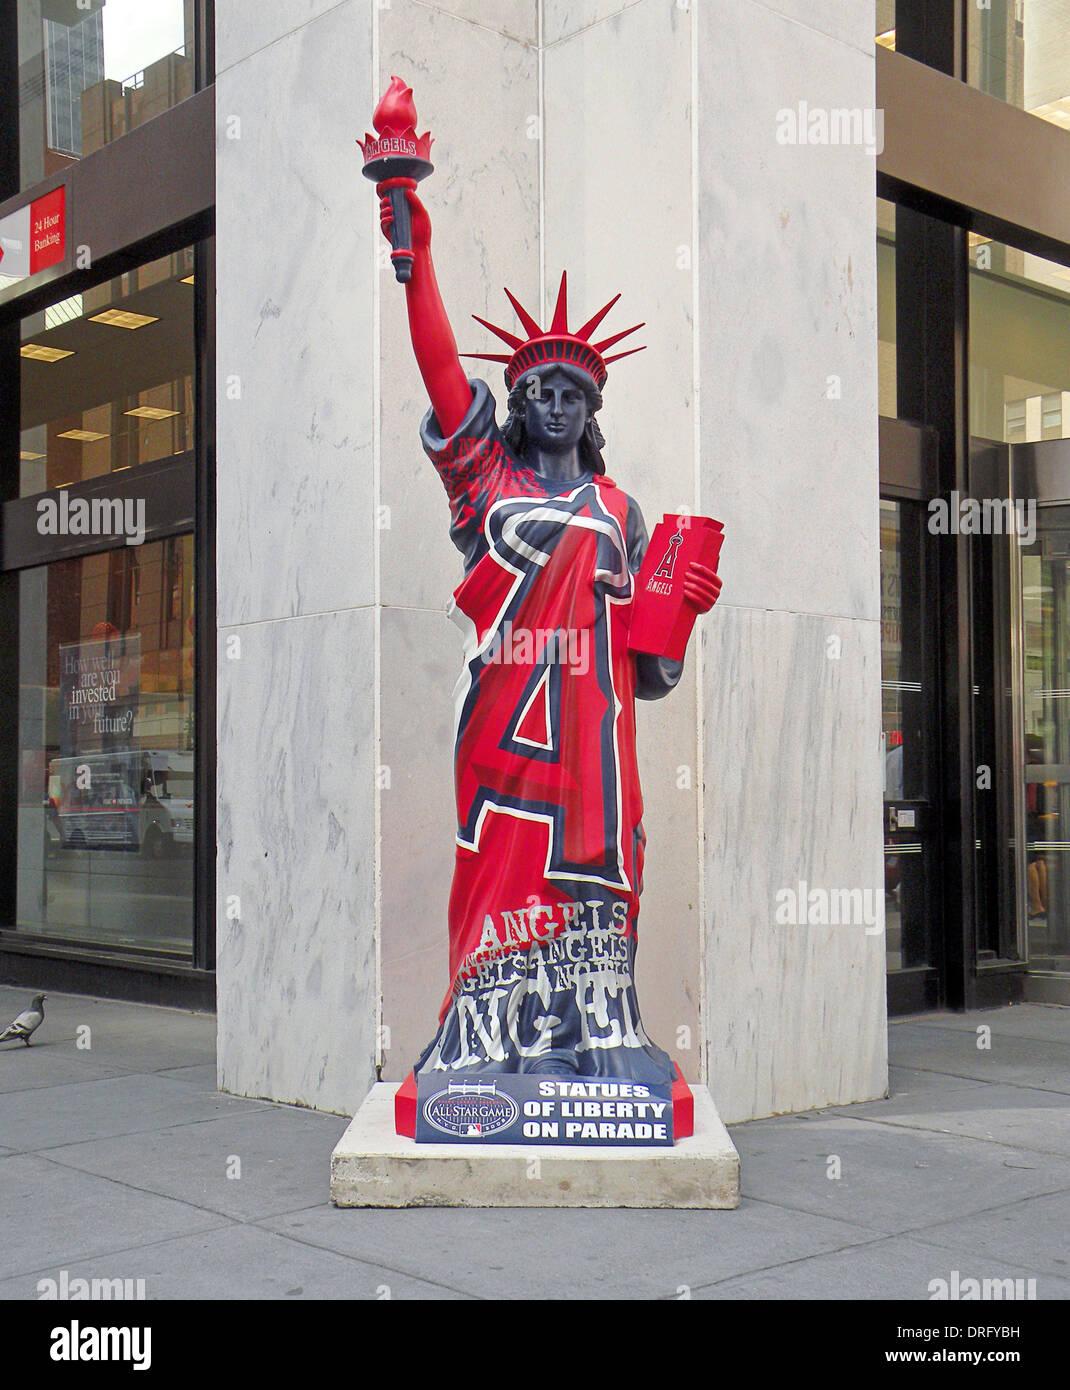 Eine Statue of LIberty in Anaheim Angels Uniform im Rahmen der 2008 ...